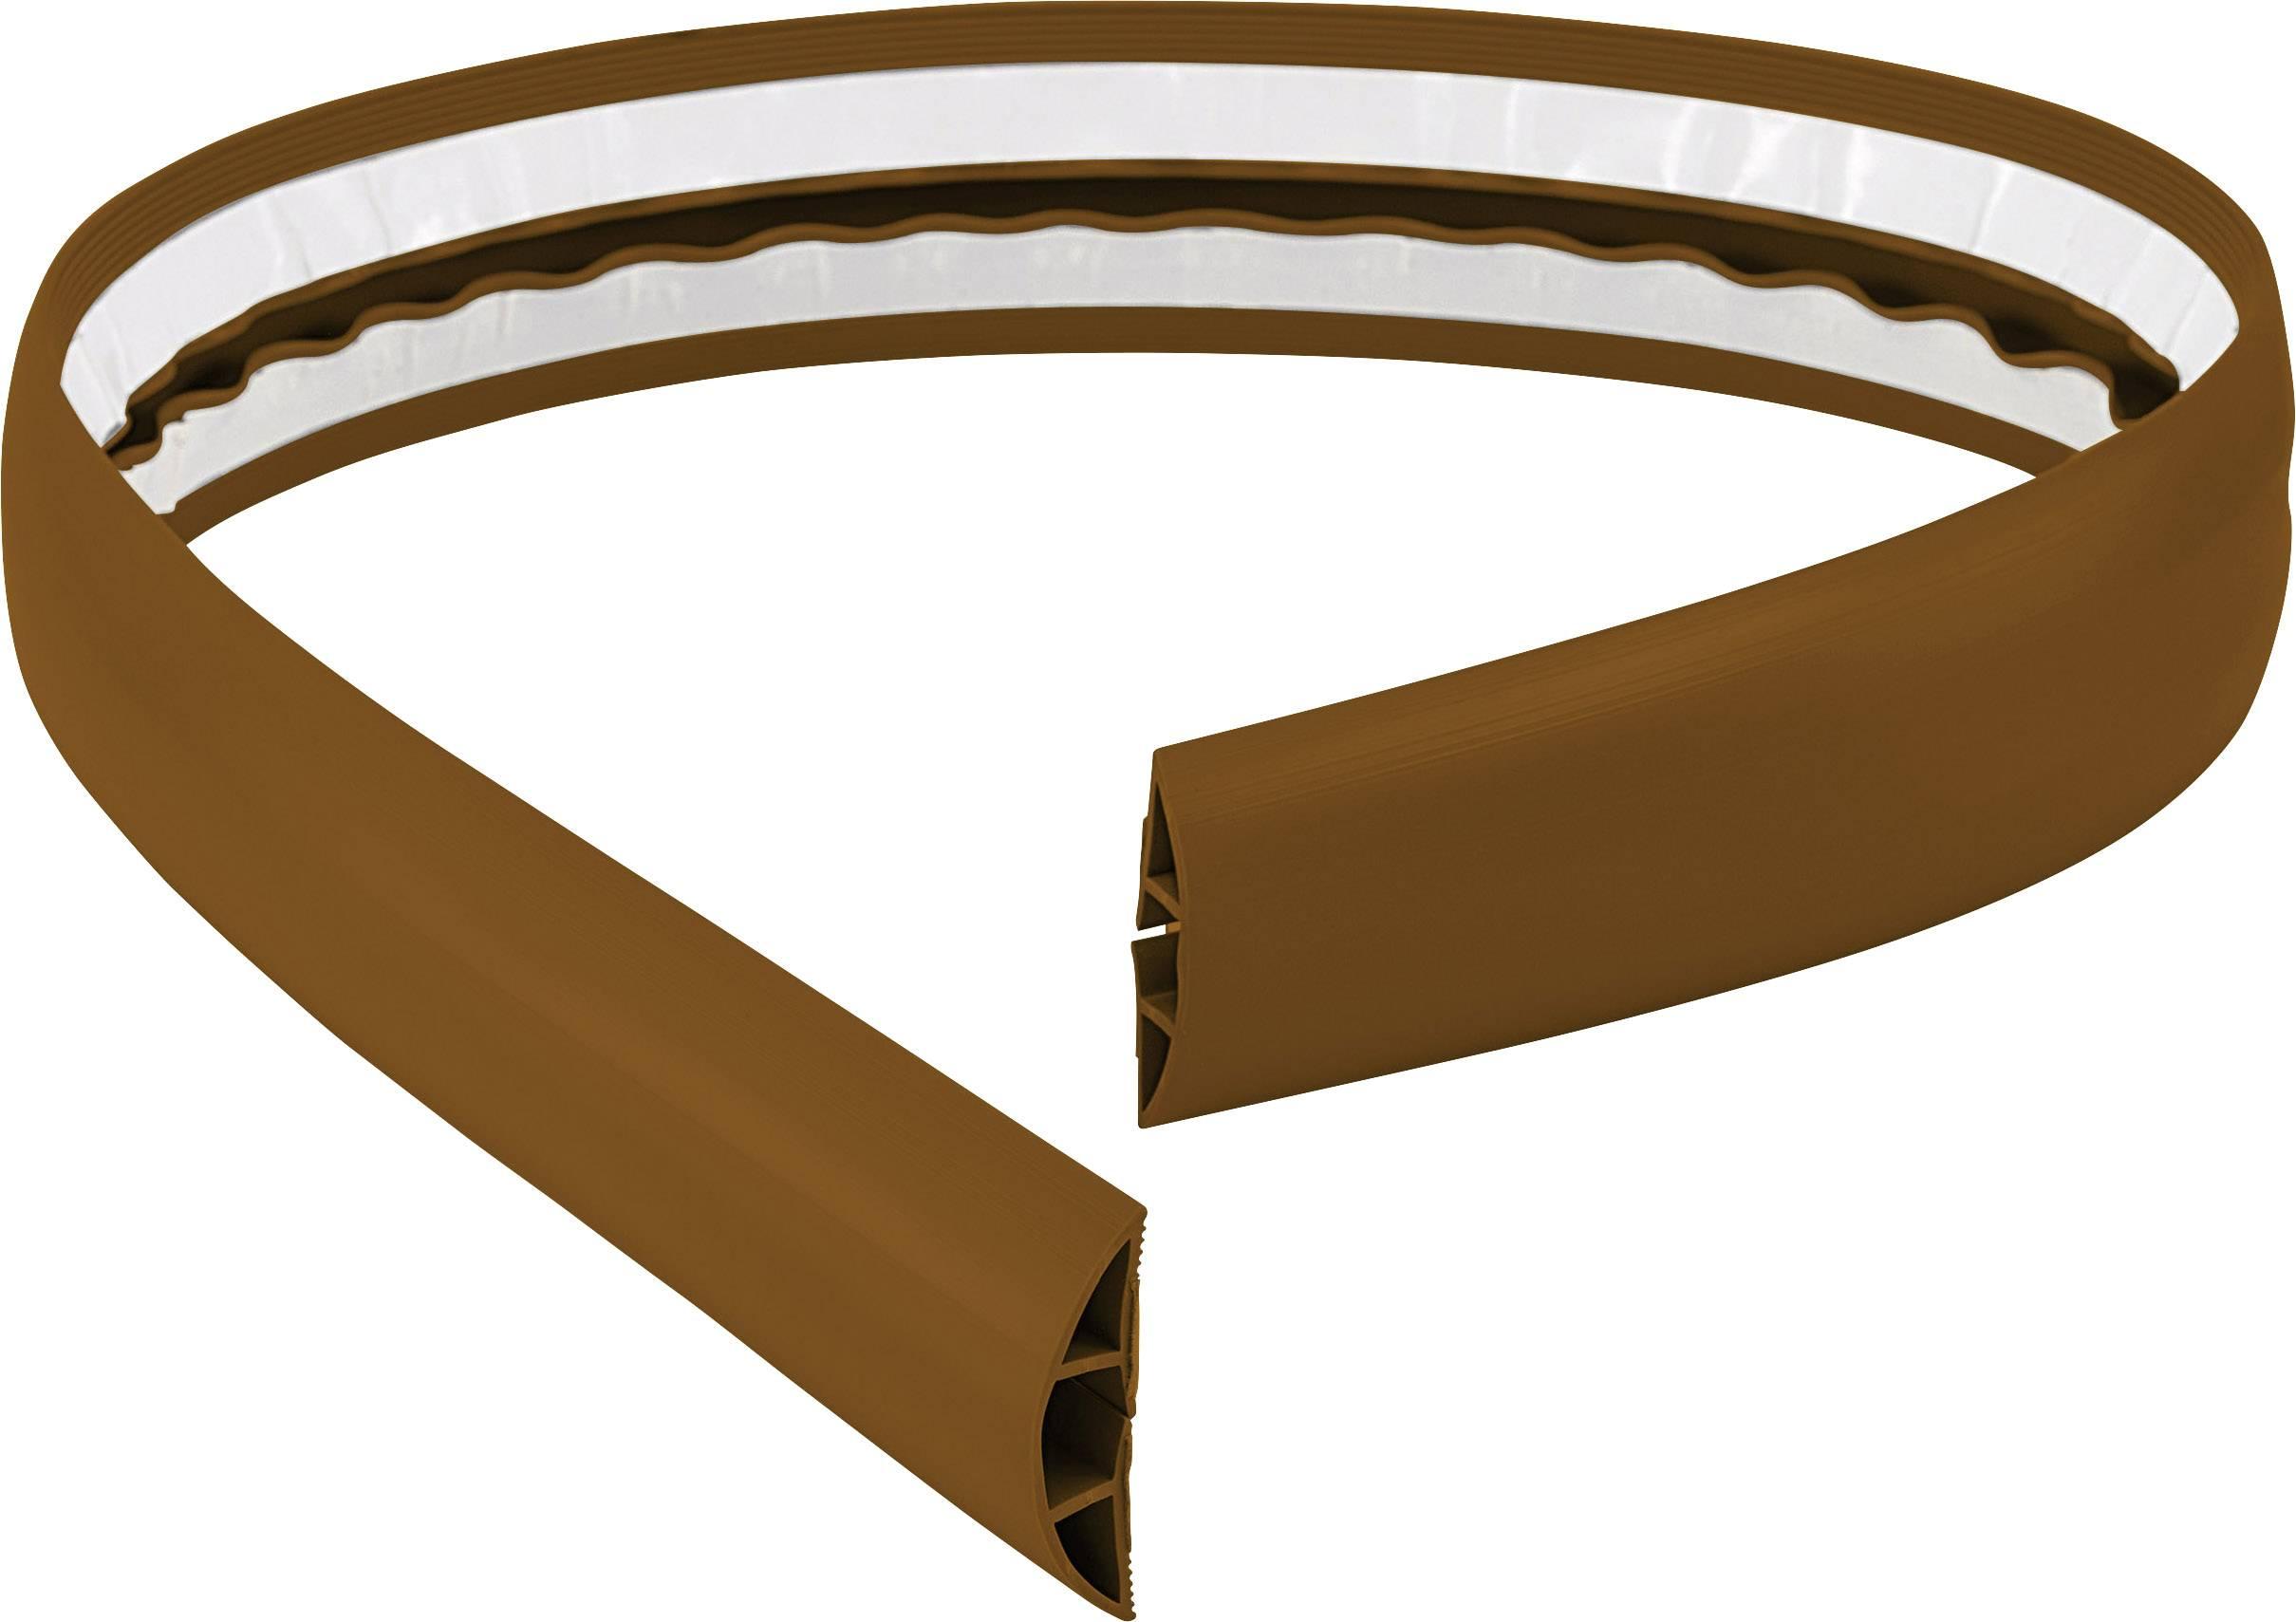 Kabelový můstek TRU COMPONENTS (d x š) 1800 mm x 50.8 mm, hnědá, 1 ks